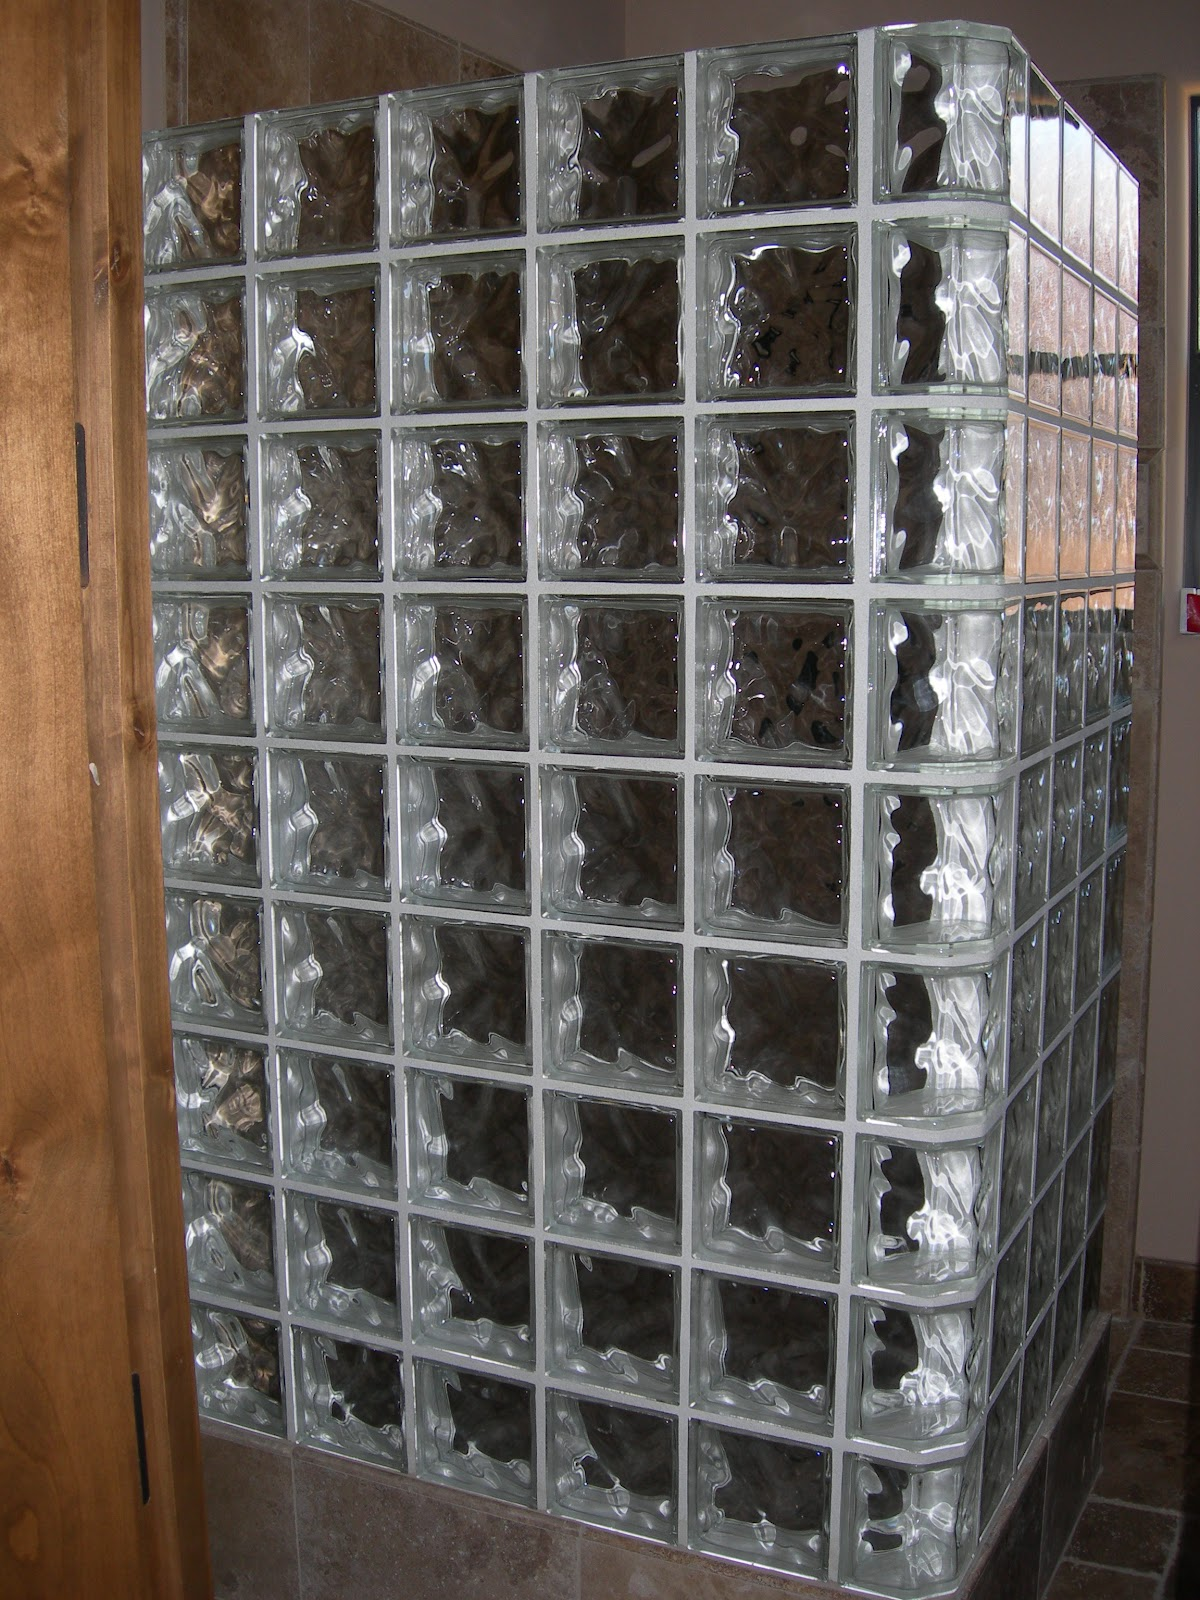 BLOCO DE VIDRO IDEIAS PARA USAR Cores da Casa #664934 1200x1600 Banheiro Com Tijolo De Vidro No Box